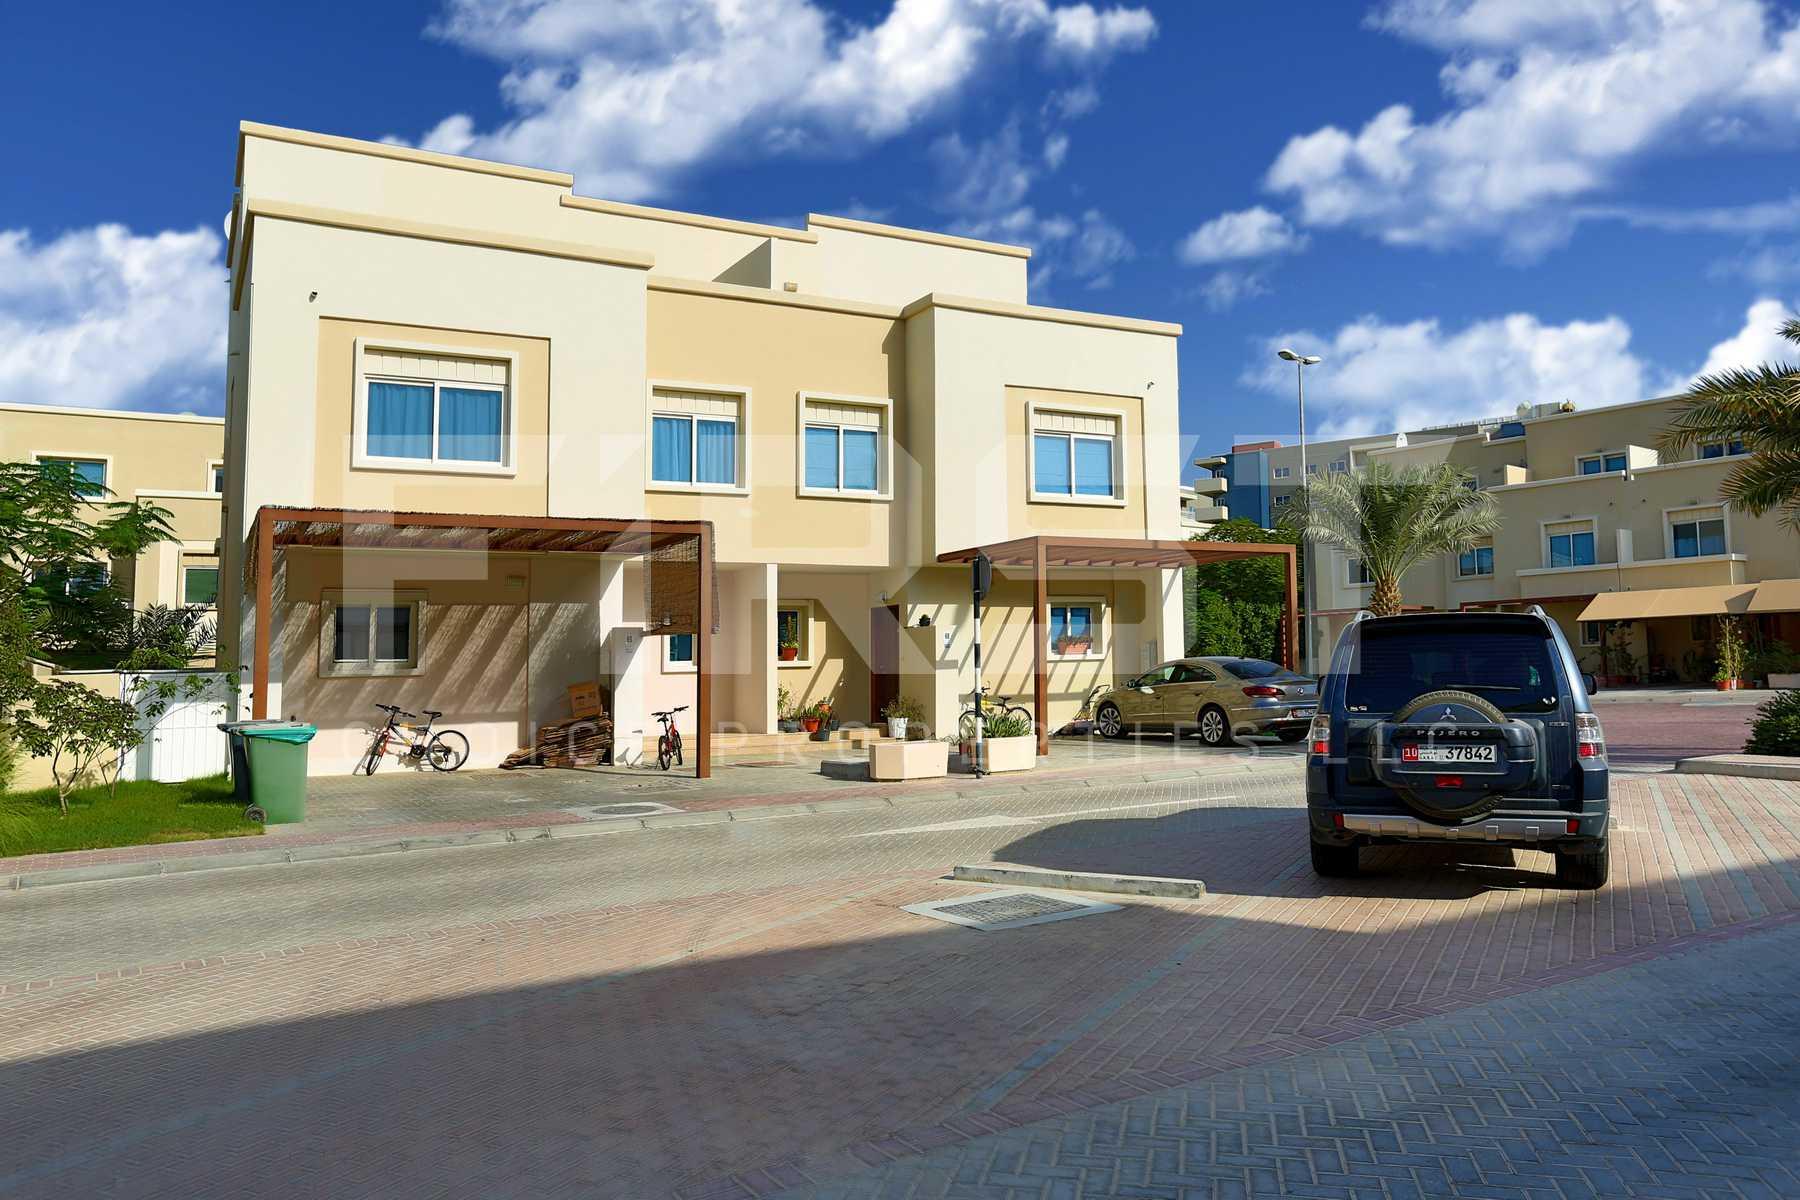 External Photo of Arabian Village Al Reef Villas Al Reef Abu Dhabi UAE (11).jpg